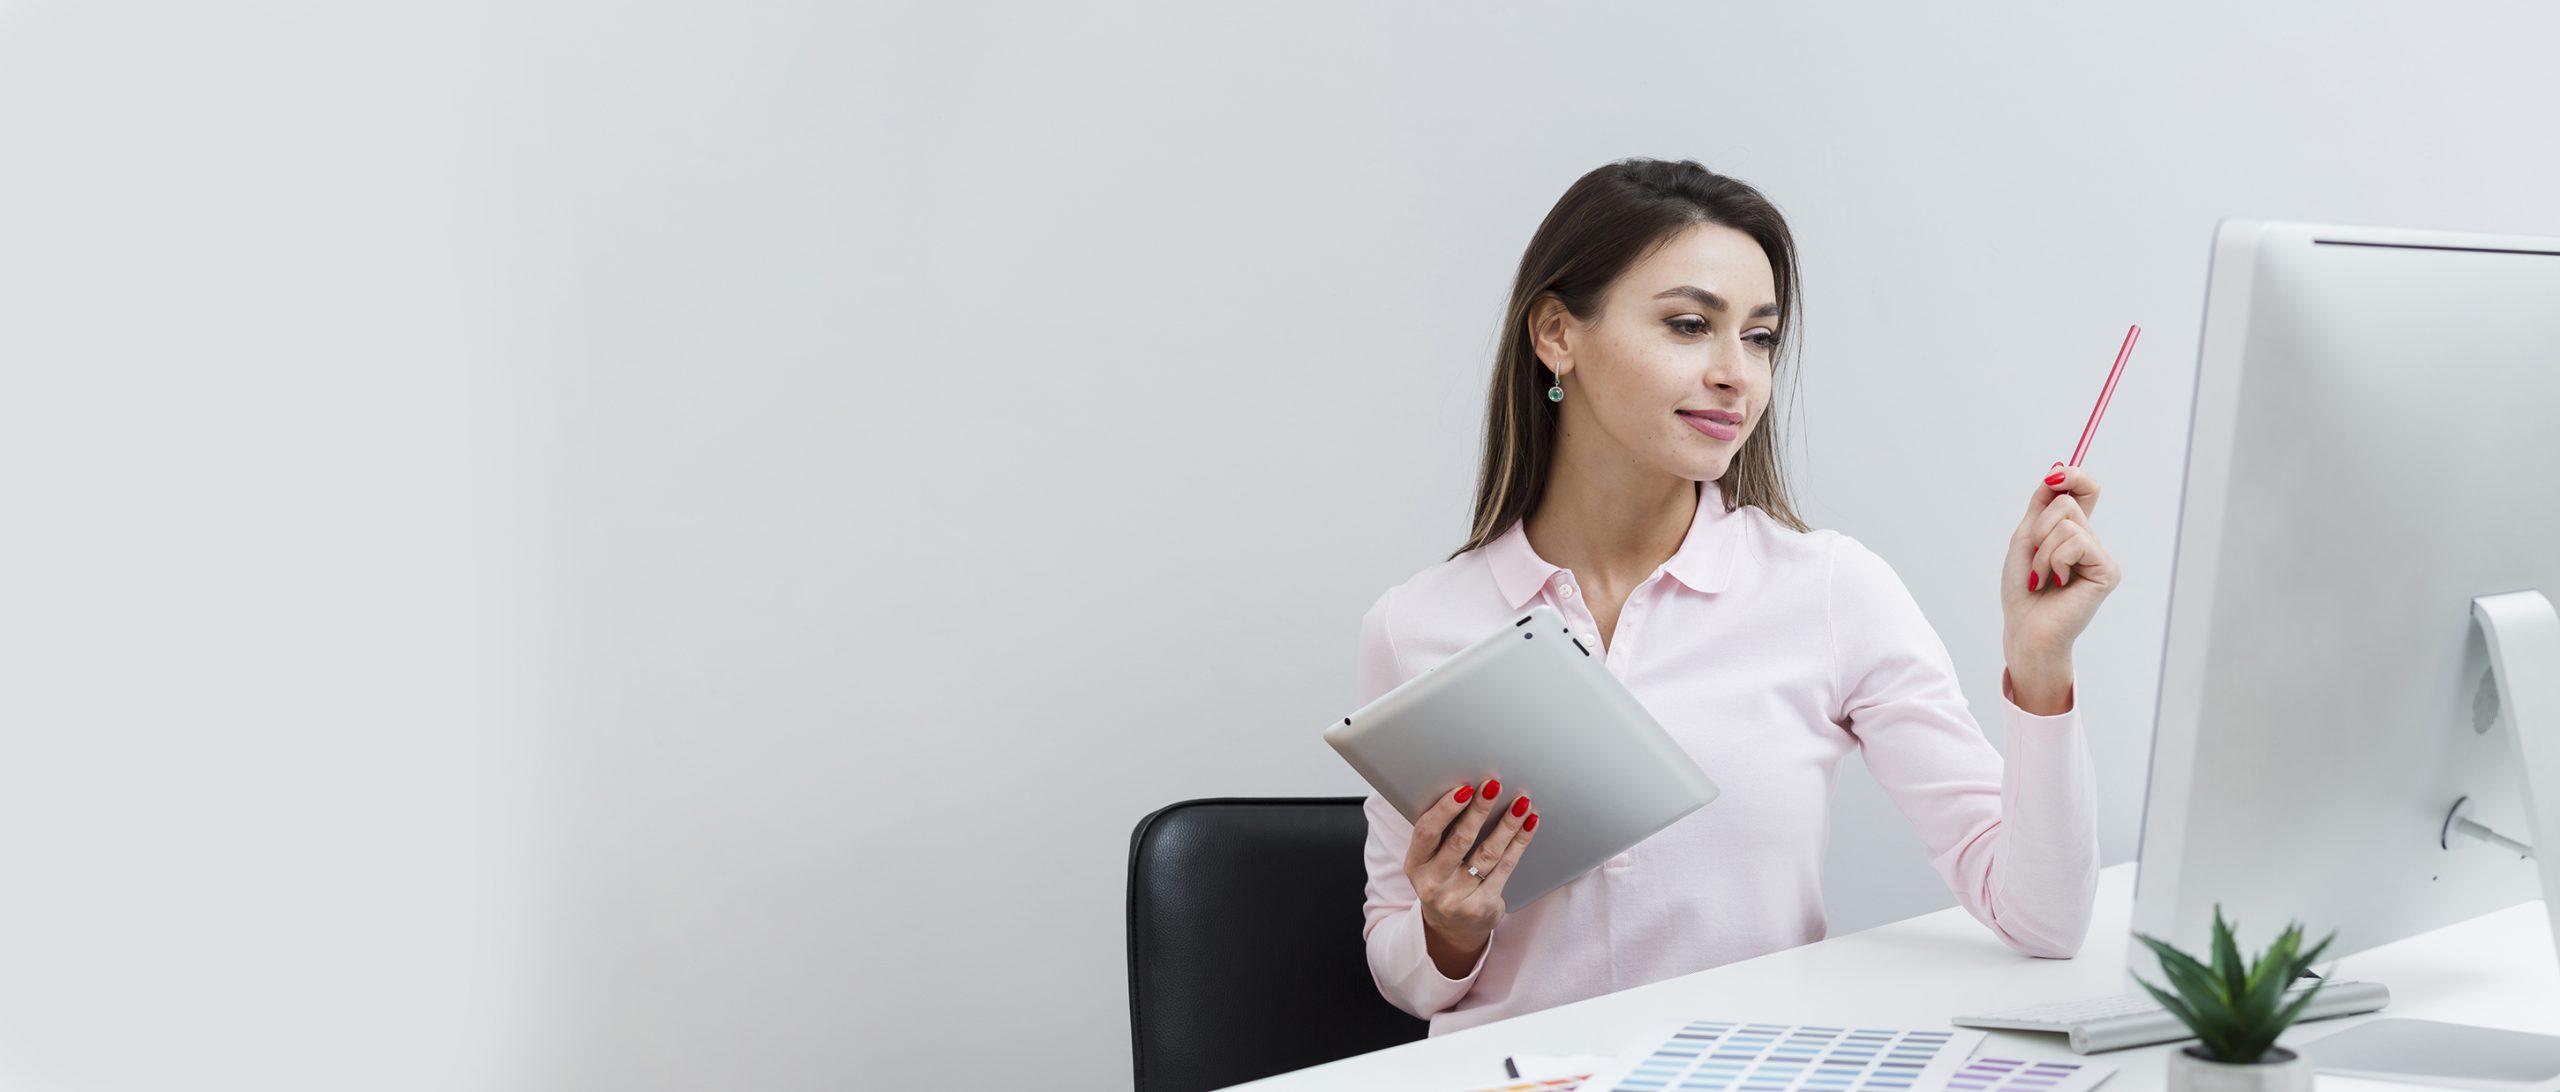 10 perguntas para treinar uma entrevista de emprego